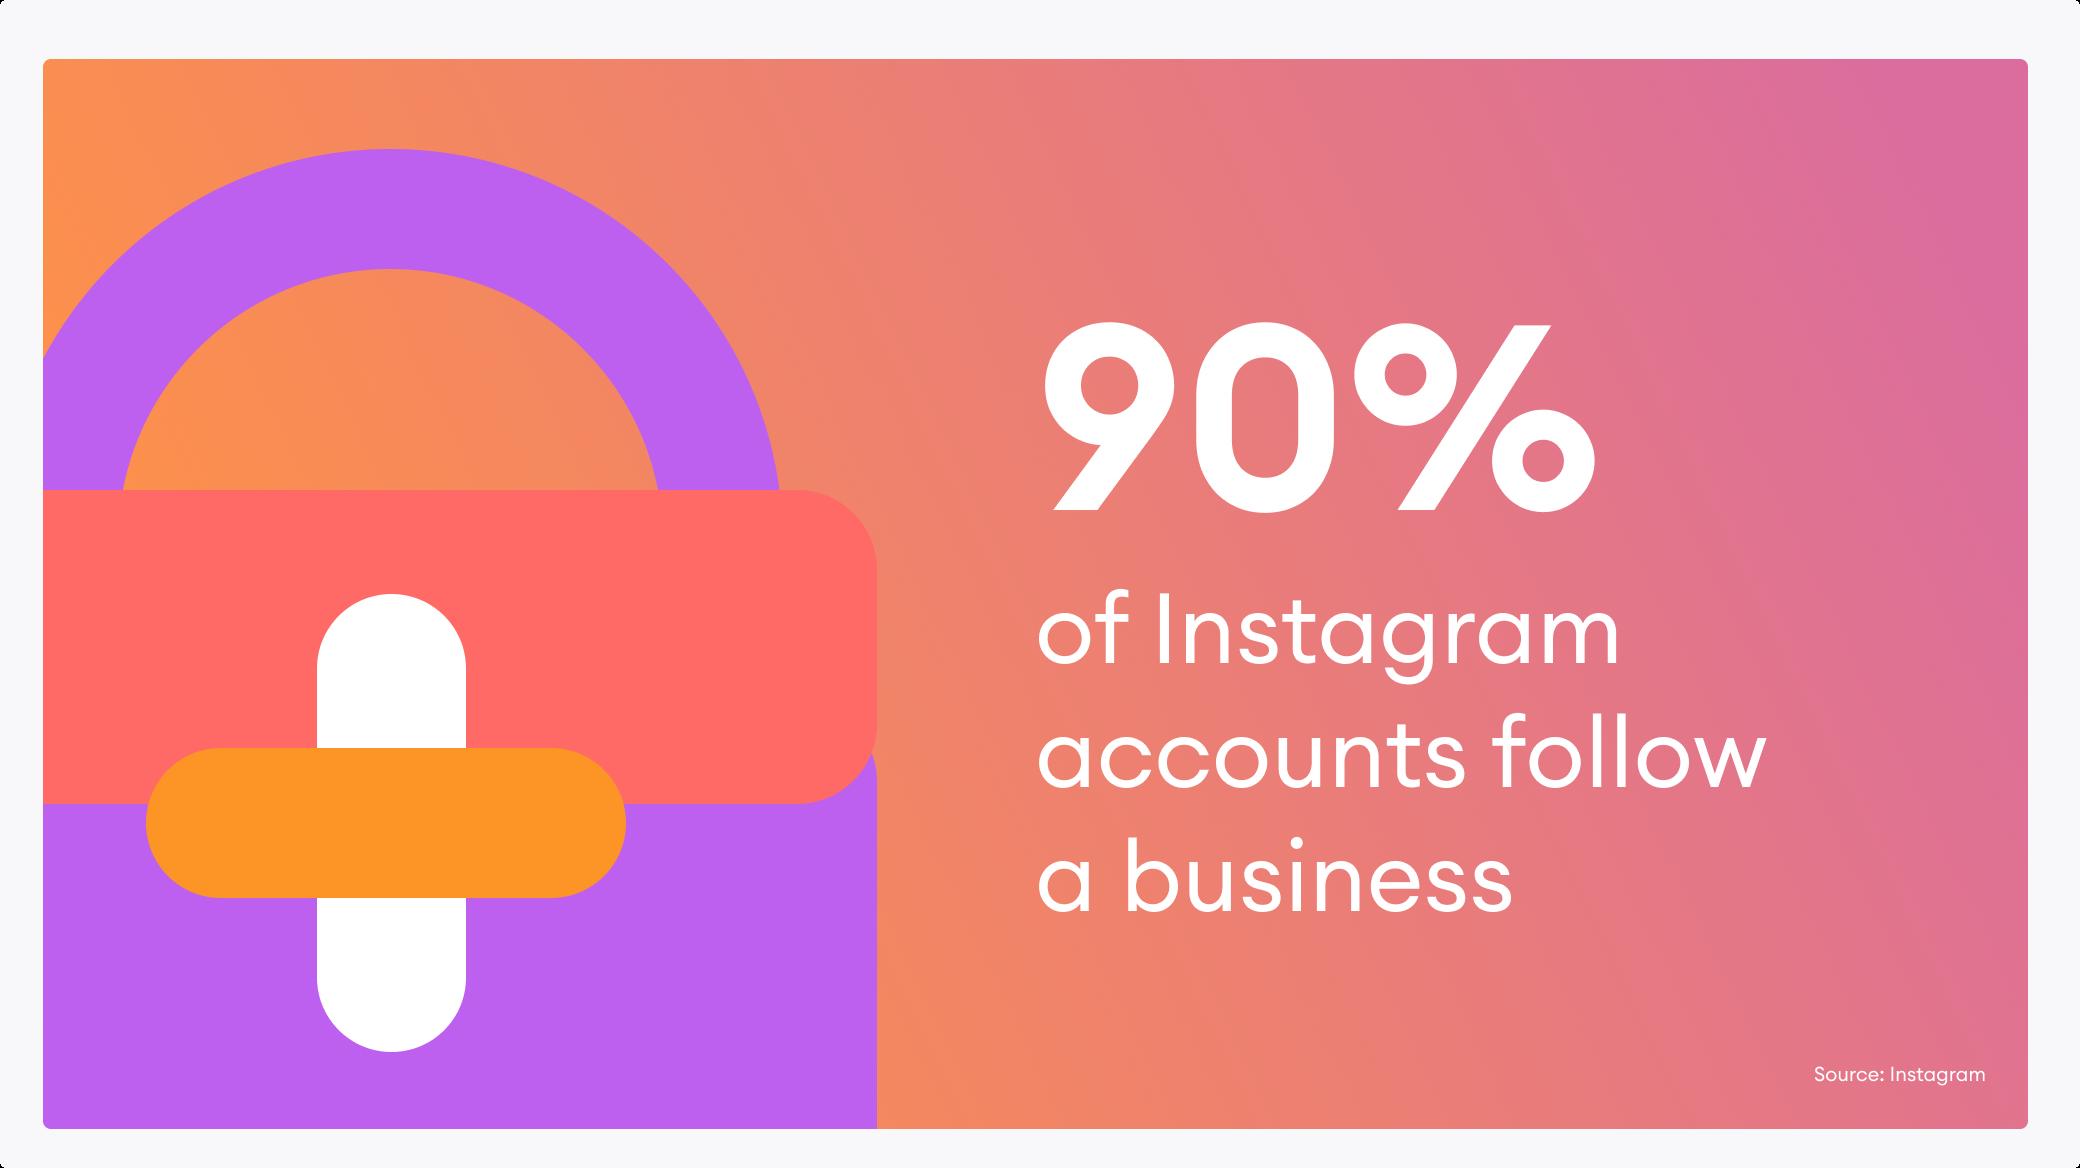 Mọi người muốn tương tác với các thương hiệu trên Instagram